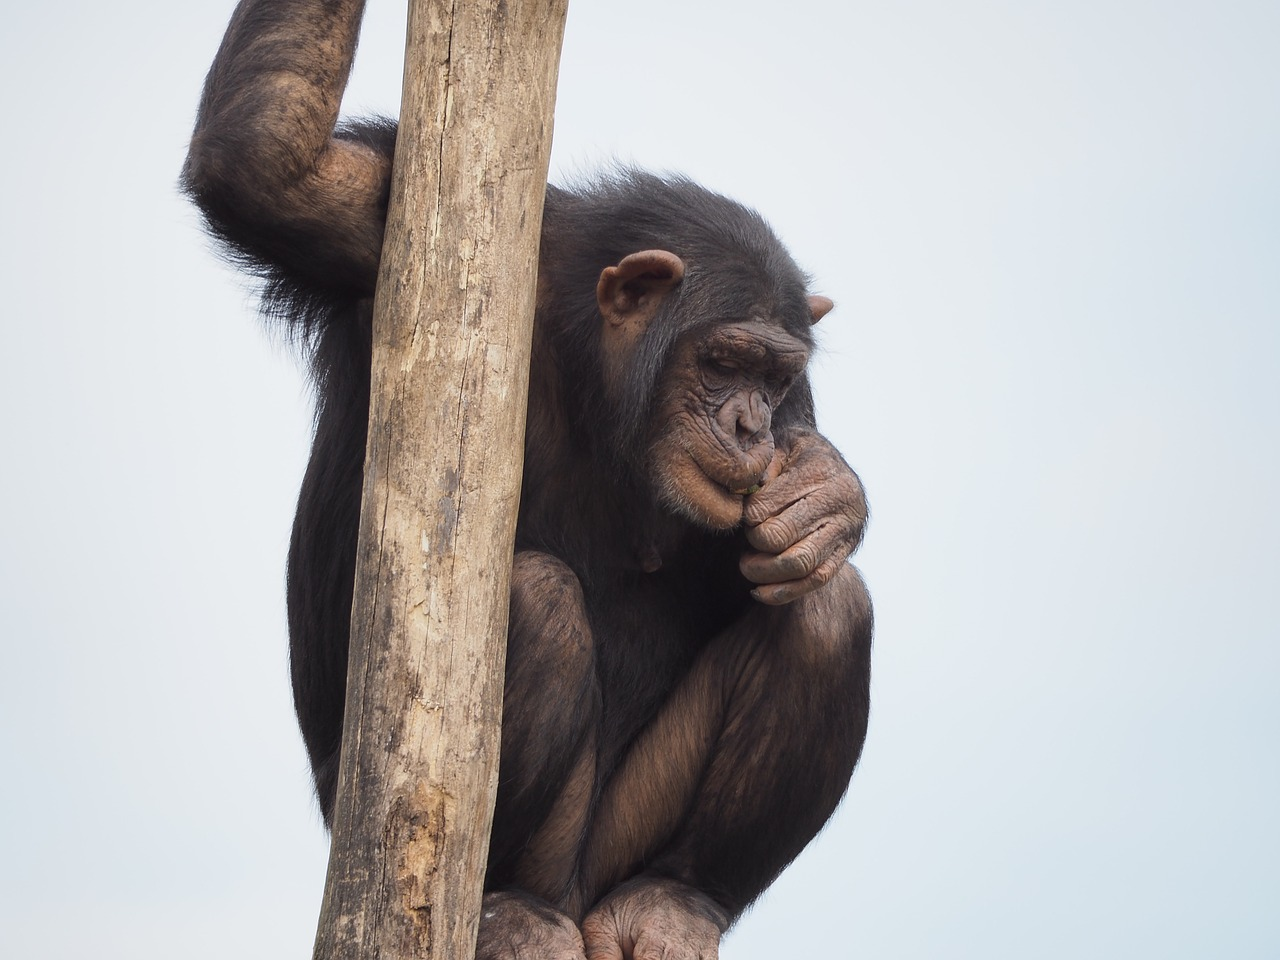 Vahva ettevõtmine! Fazer kingib loomaaia šimpansidele aastase šokolaadivaru